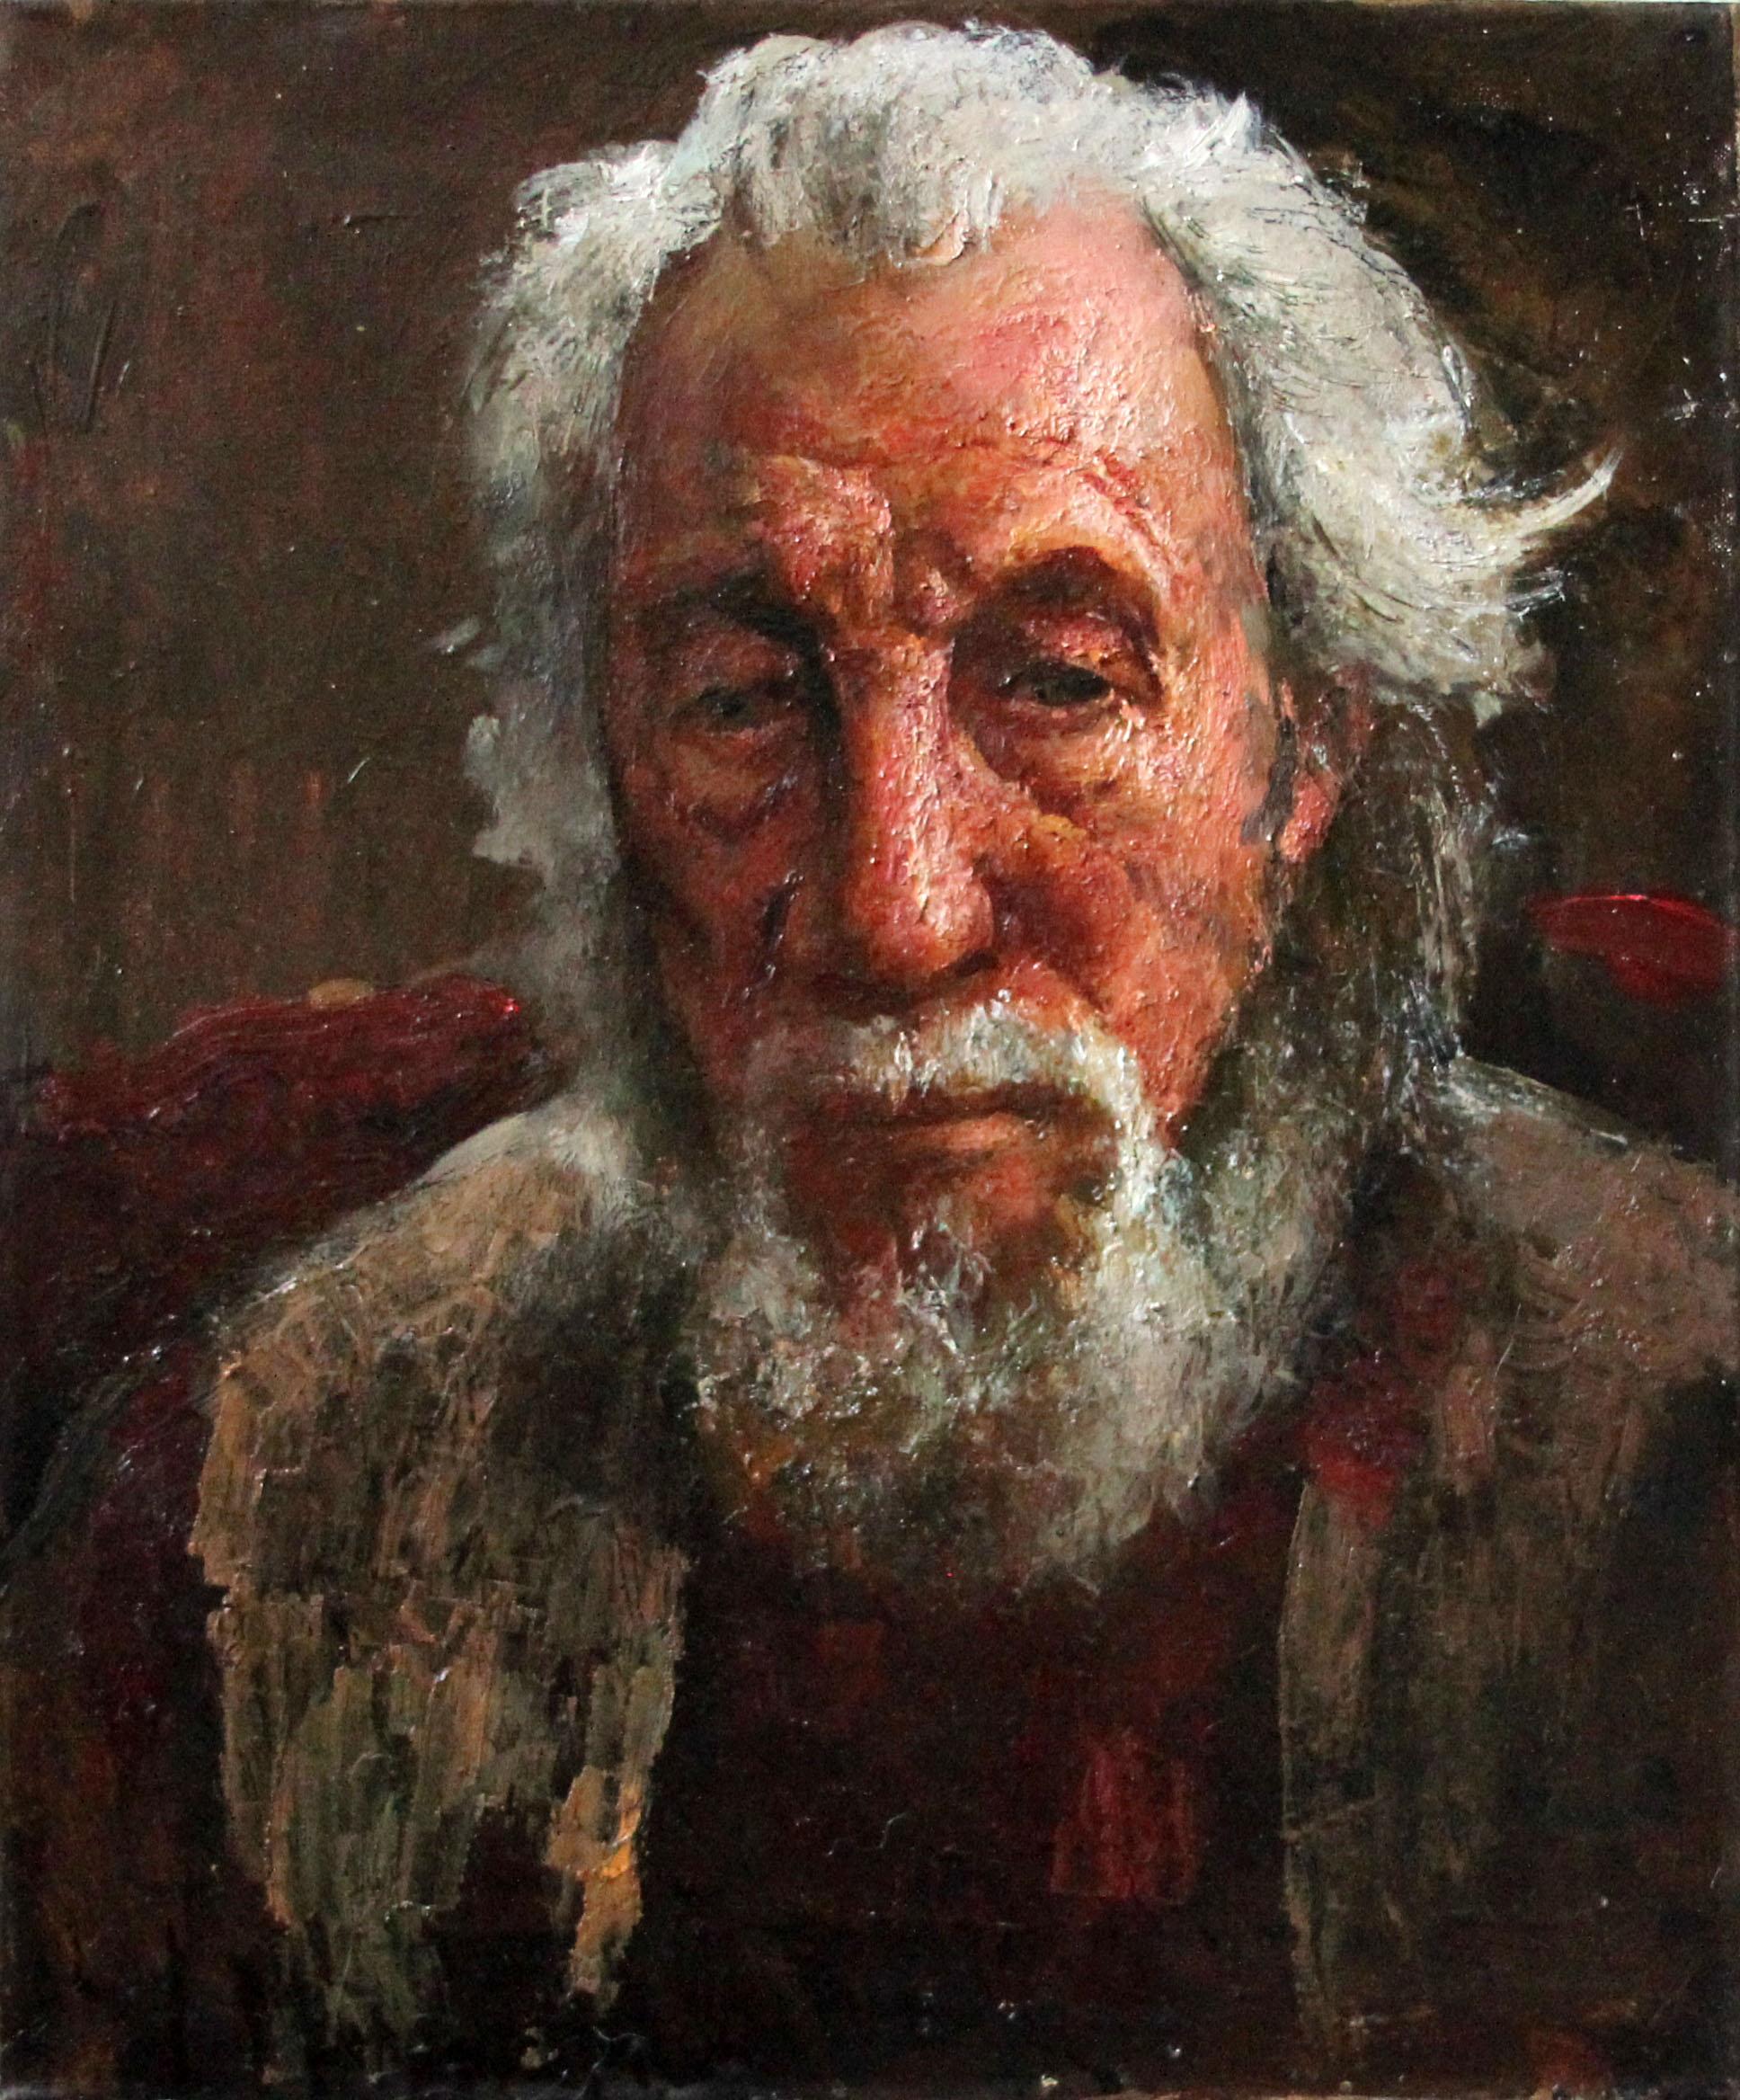 Портрет заслуженного художника России Воронцова Д.А., 60х50, 2012г, холст, масло